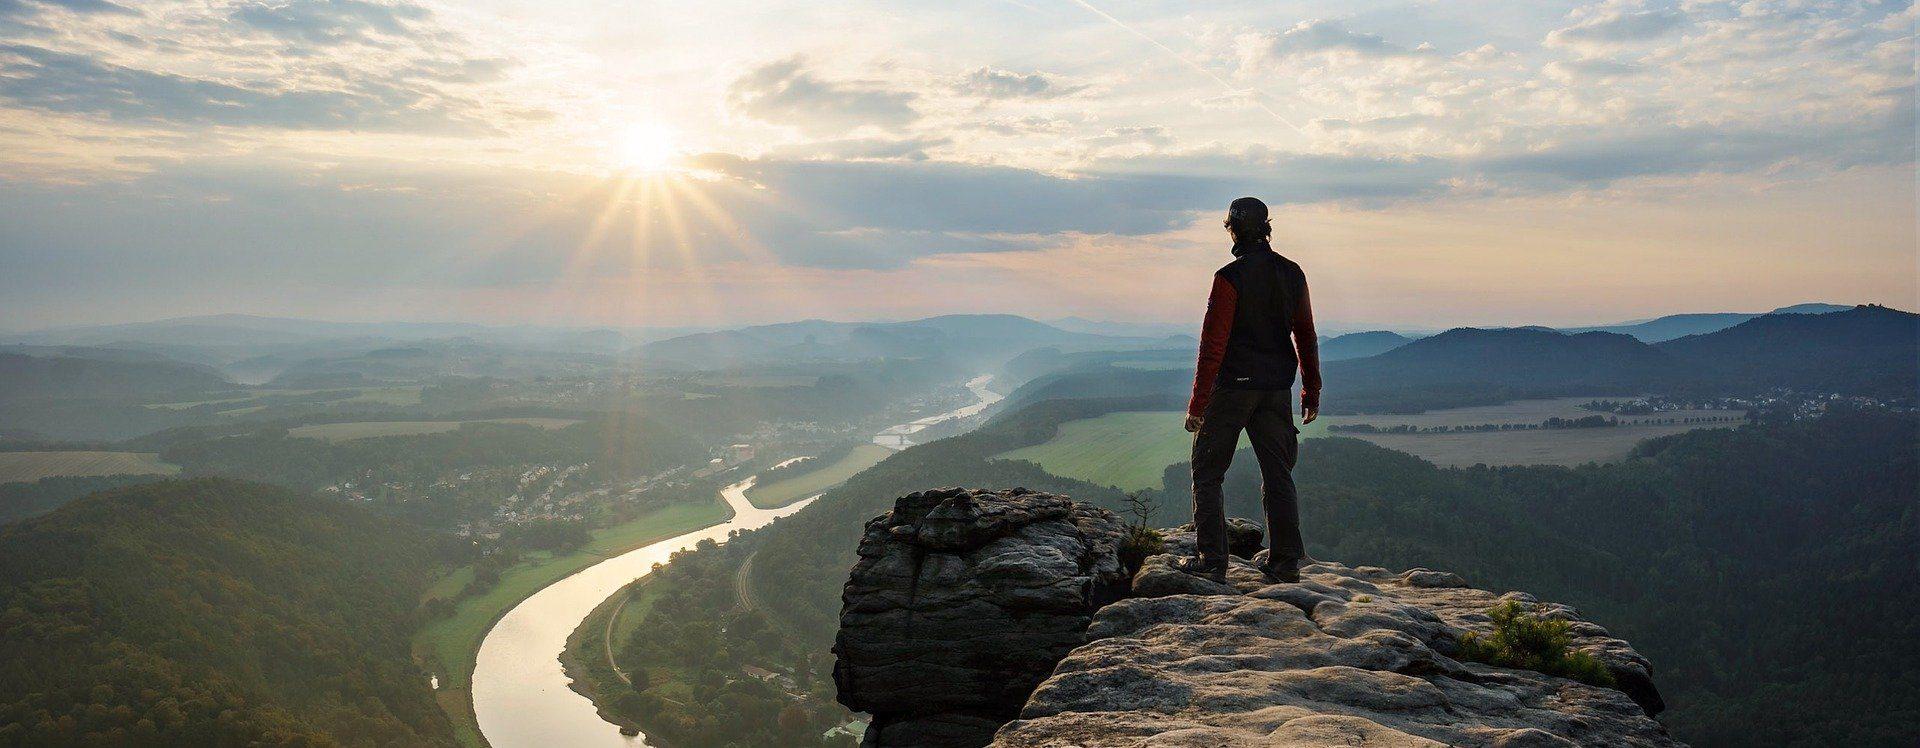 Die Silhouette eines Bergsteigers im Sonnenuntergang, der am Rand eines Felsens steht und in das Tal mit einem Fluss hinab blickt.